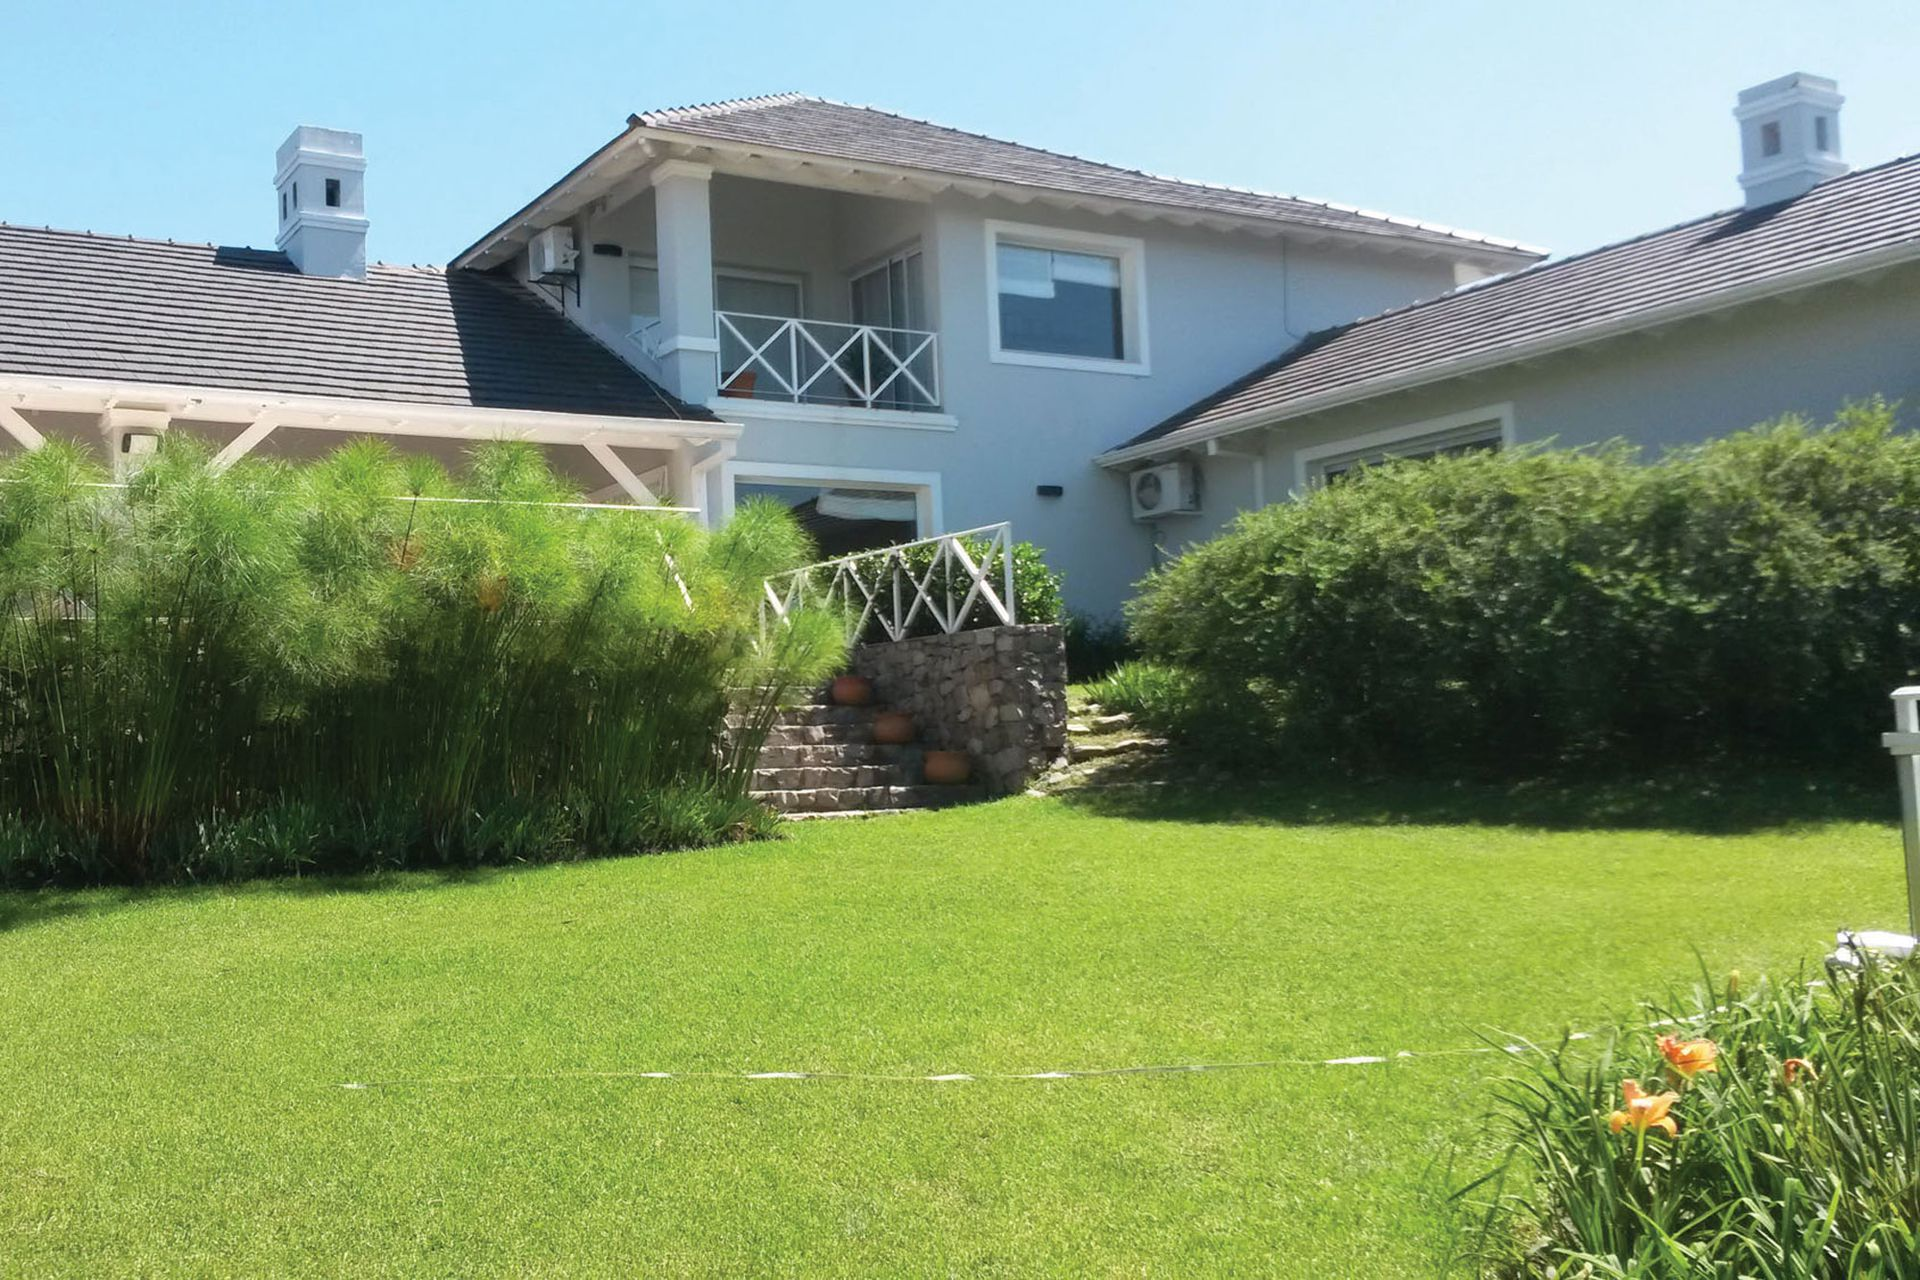 Antes. El contrafrente de la casa tenía barandas de maderas y papiros que cerraban las visuales al jardín.